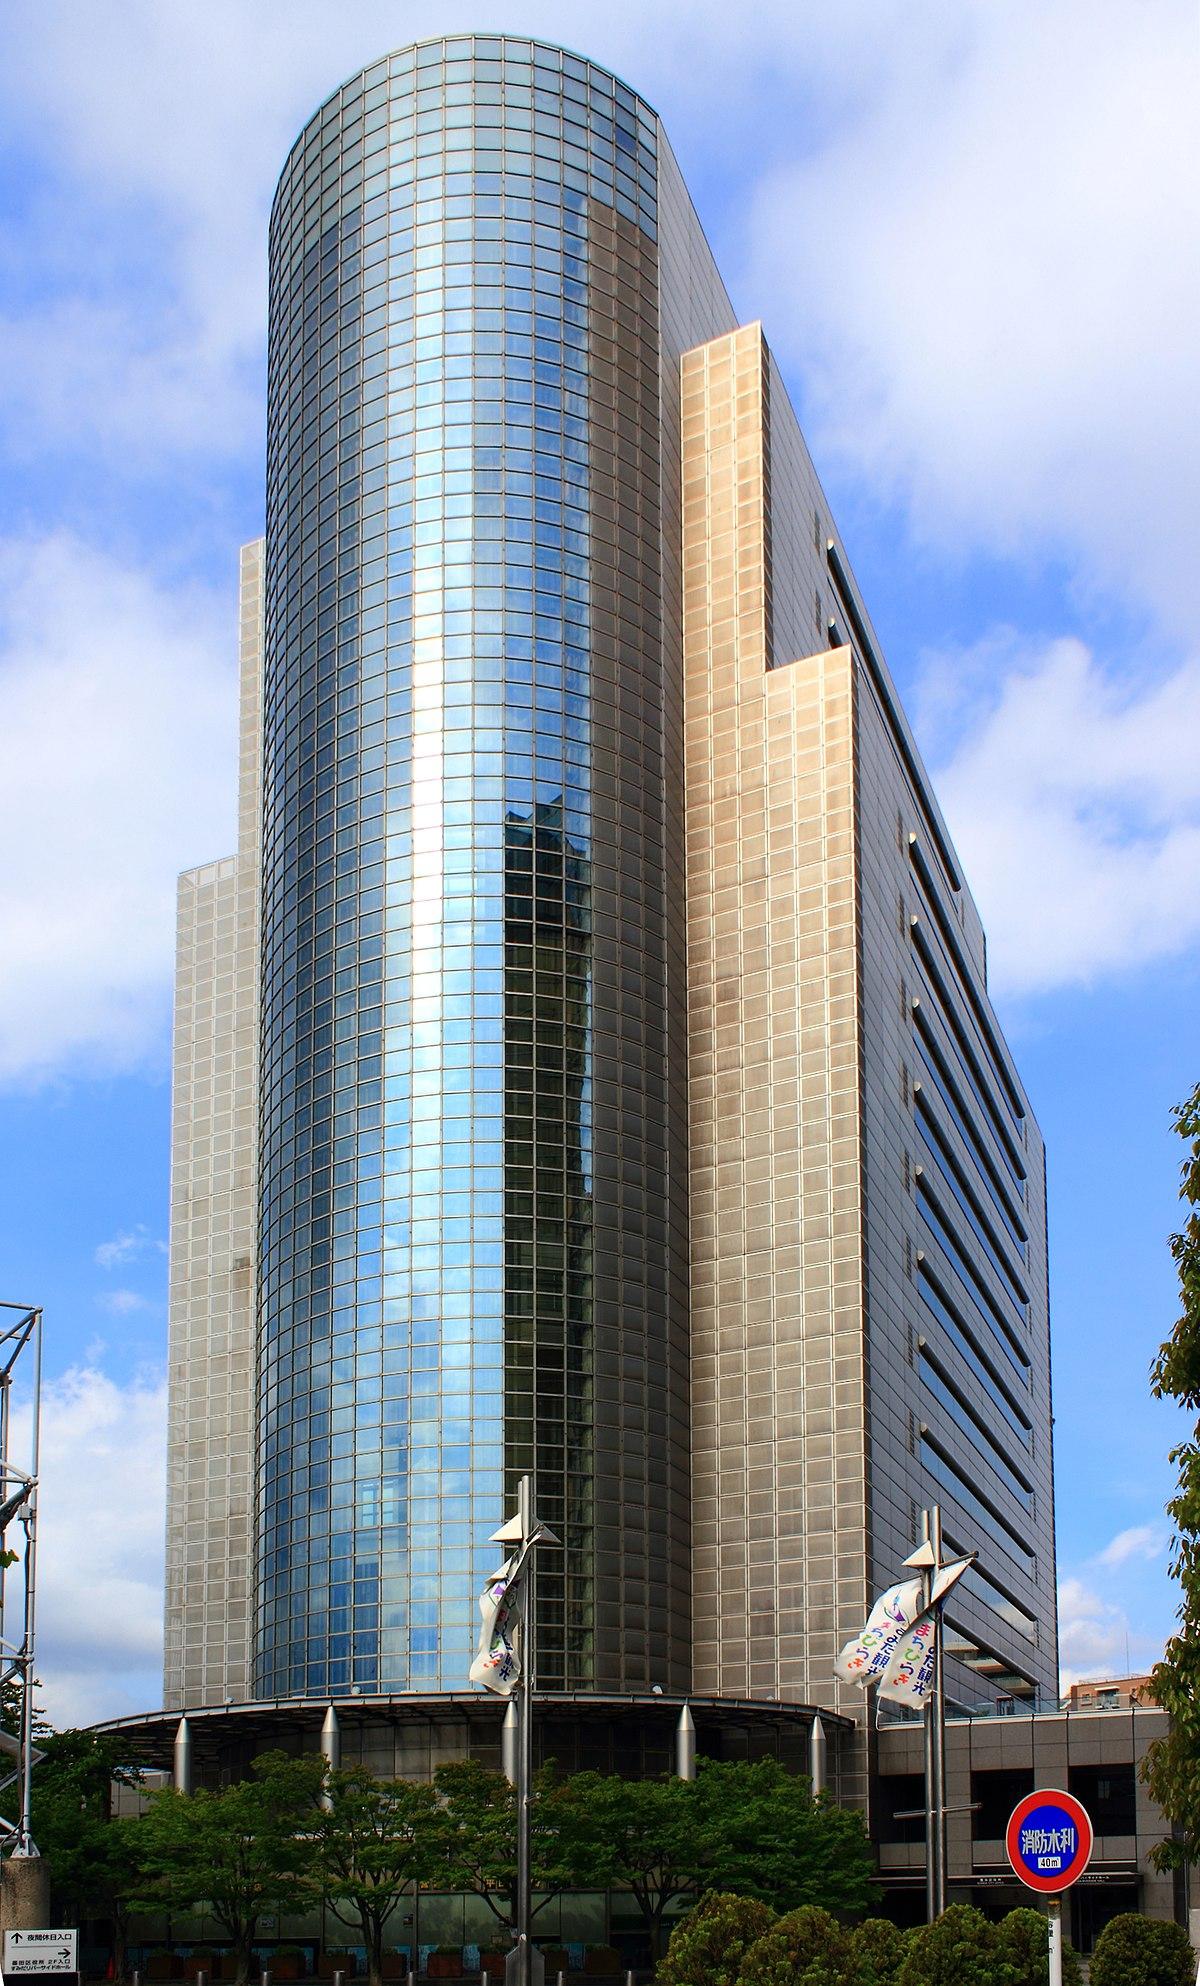 墨田 区役所